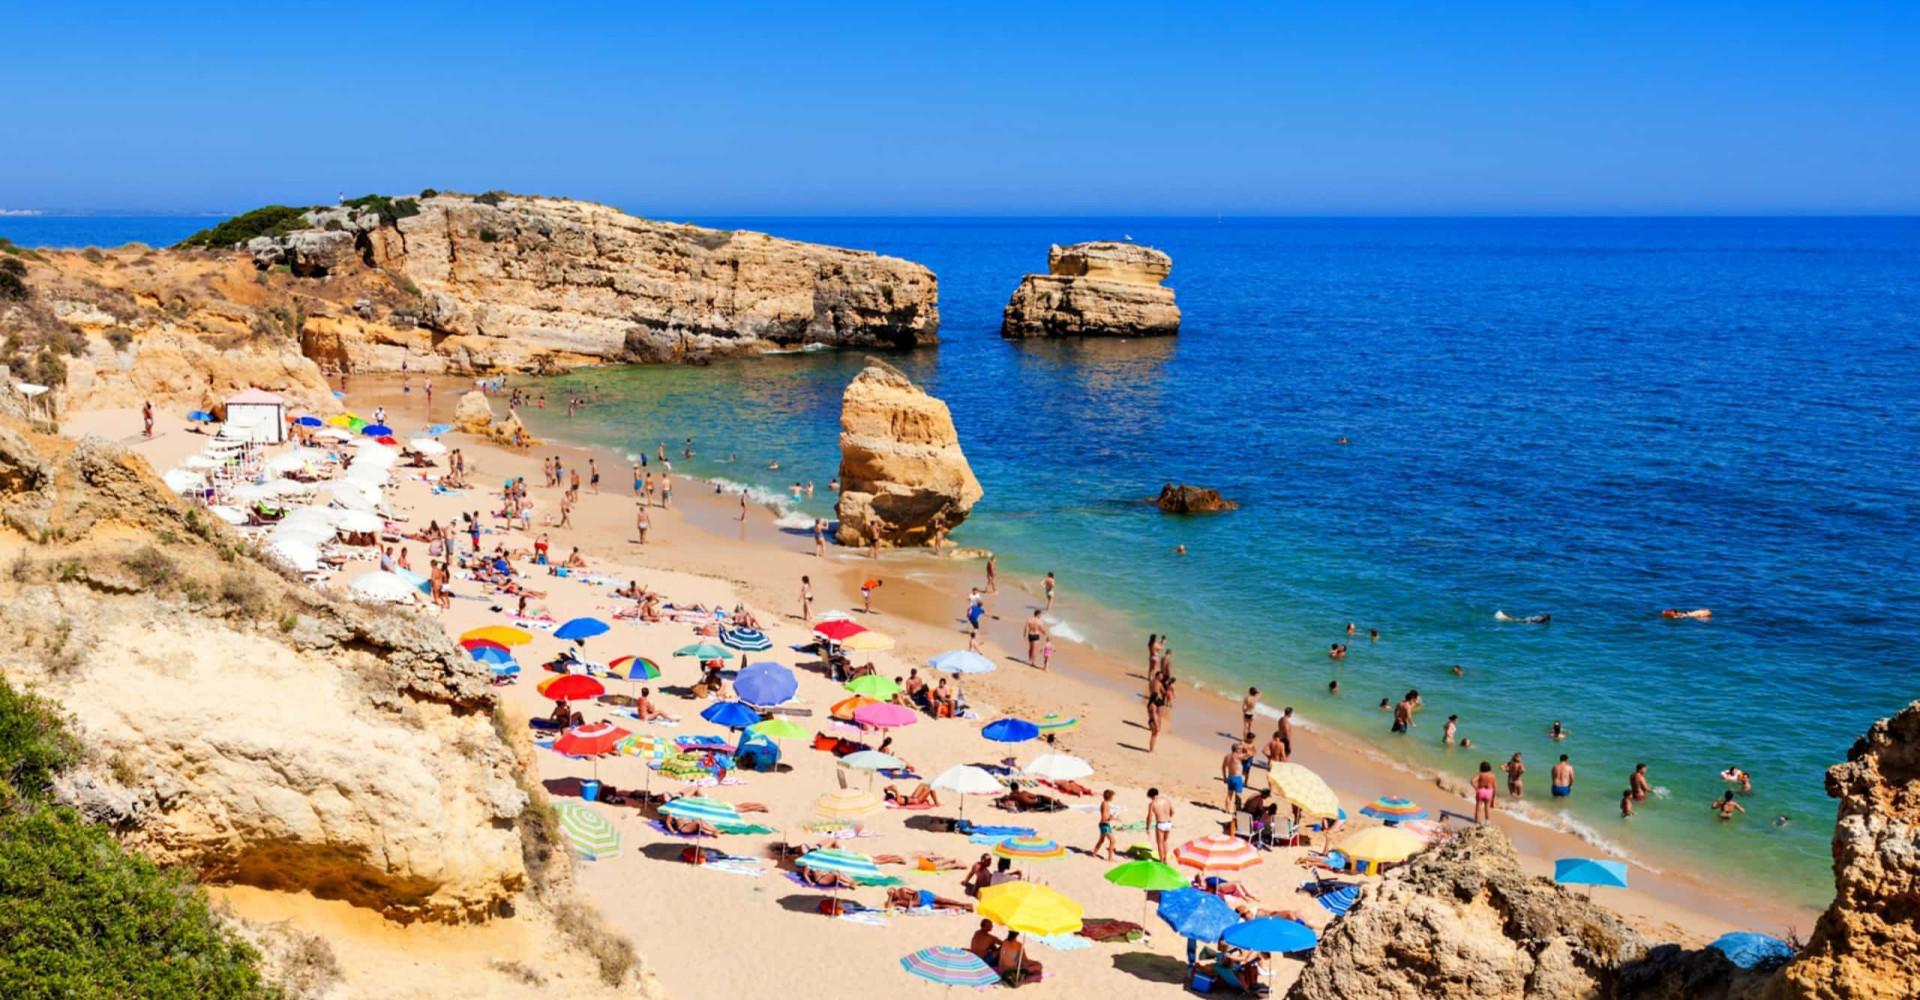 Resultado de imagem para Os melhores destinos para desbravar em 2020, segundo a National Geographic